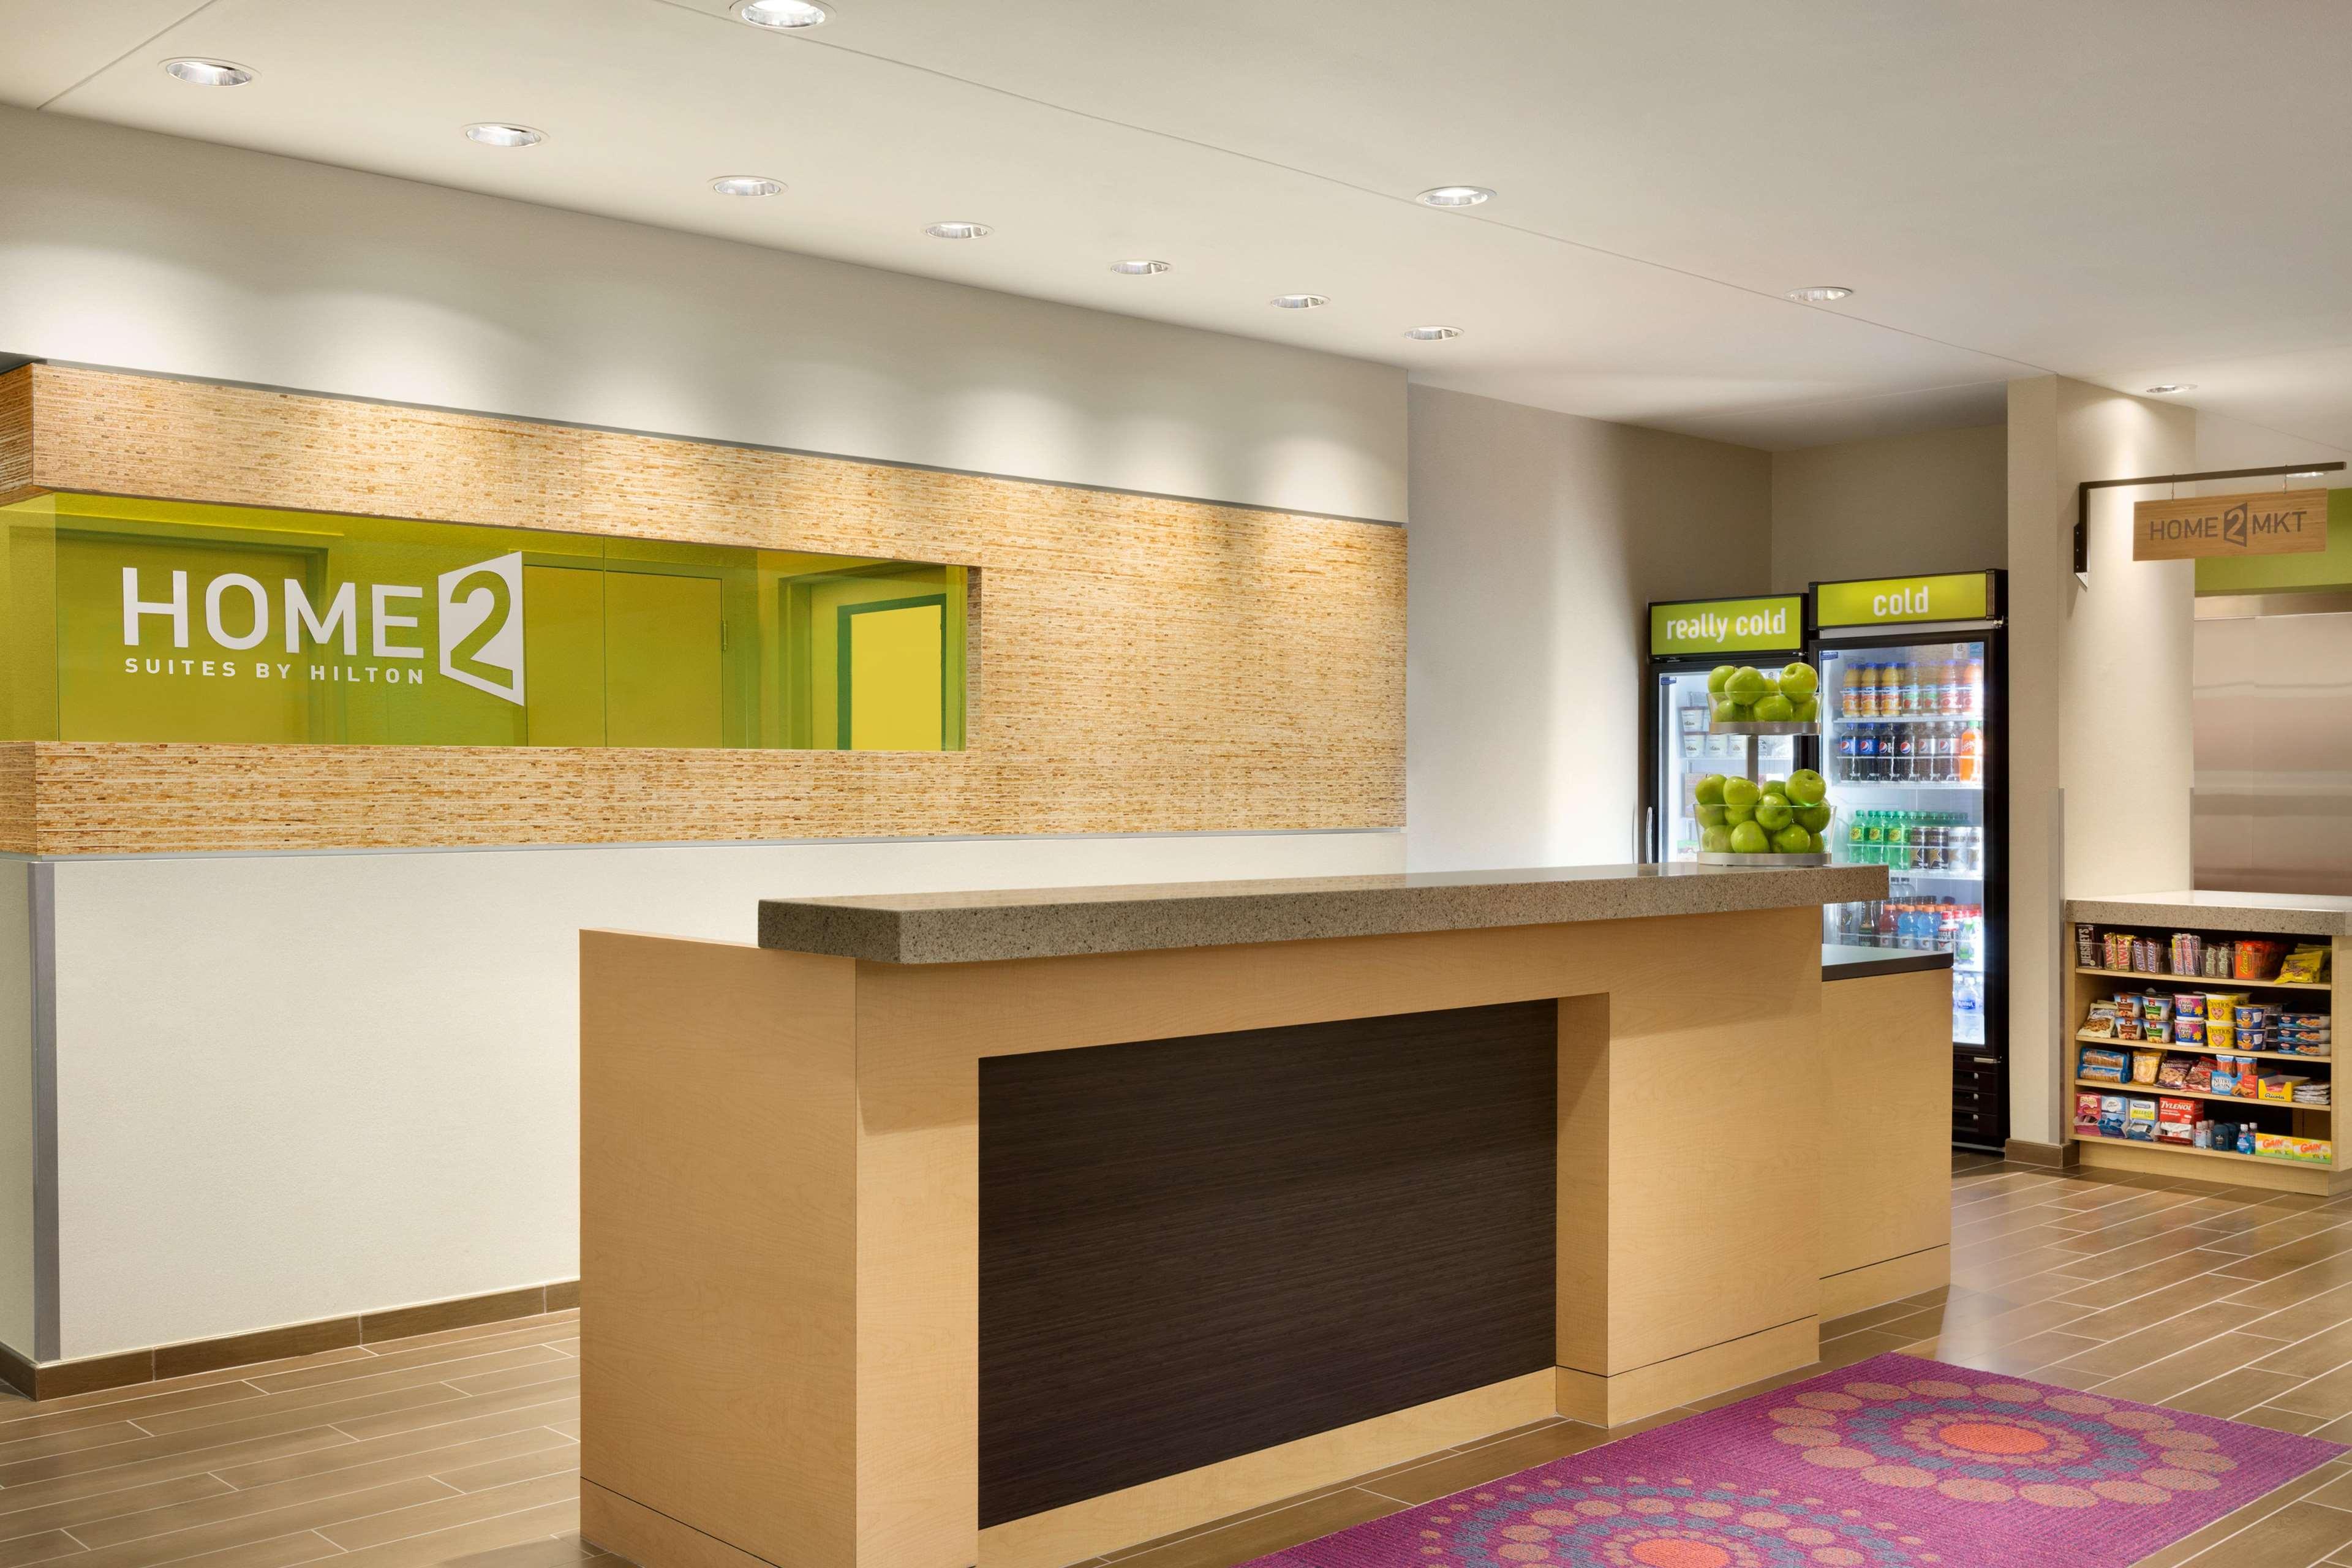 Home2 Suites by Hilton McAllen image 5